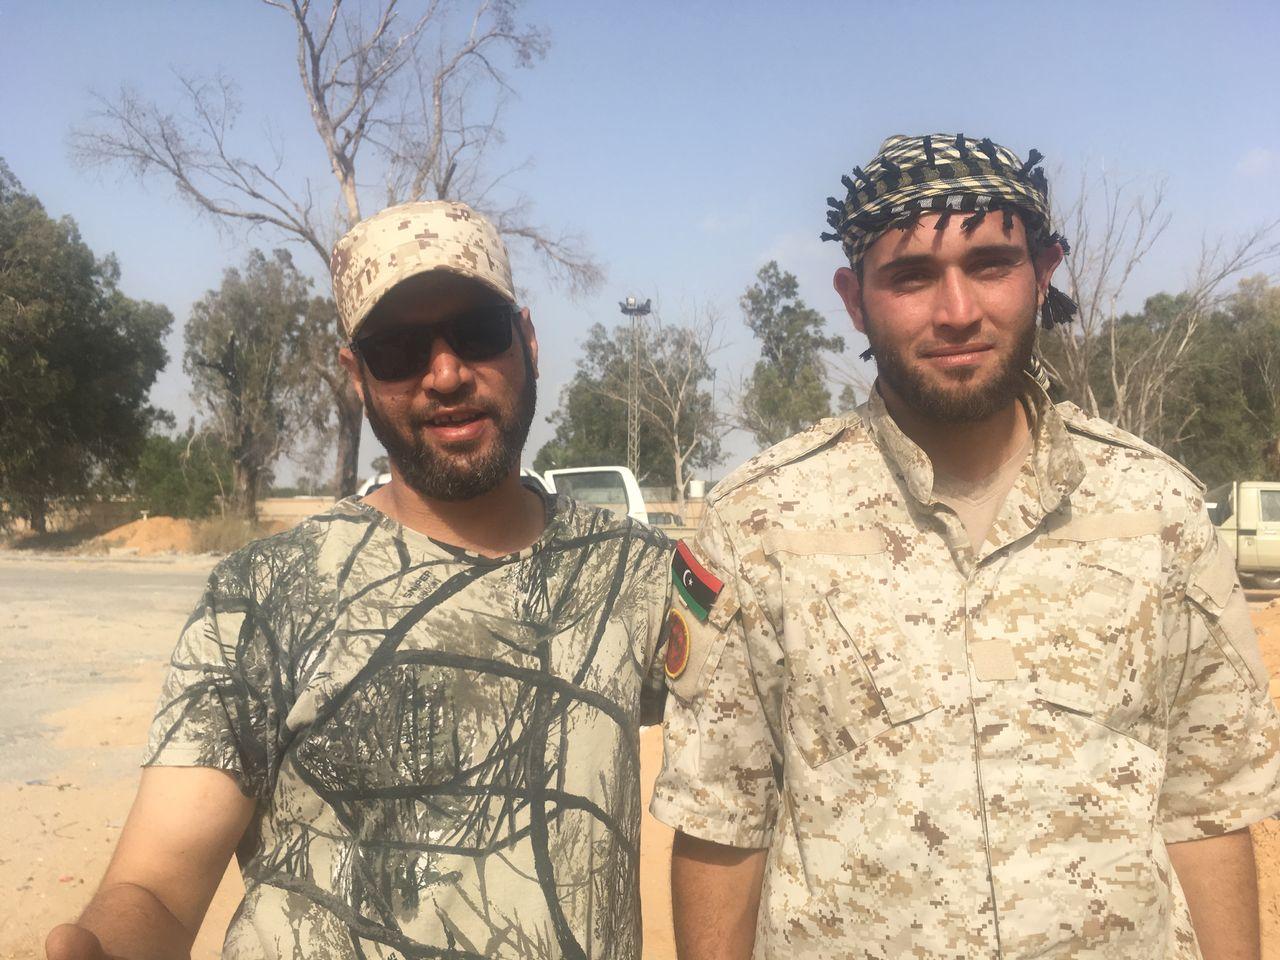 En 2019, à Tripoli, les jeunes tentent de barrer l'offensive du général Haftar, après avoir fait la révolution contre Kadhafi, puis la guerre contre le groupe Etat islamique. [Maurine Mercier - RTS]